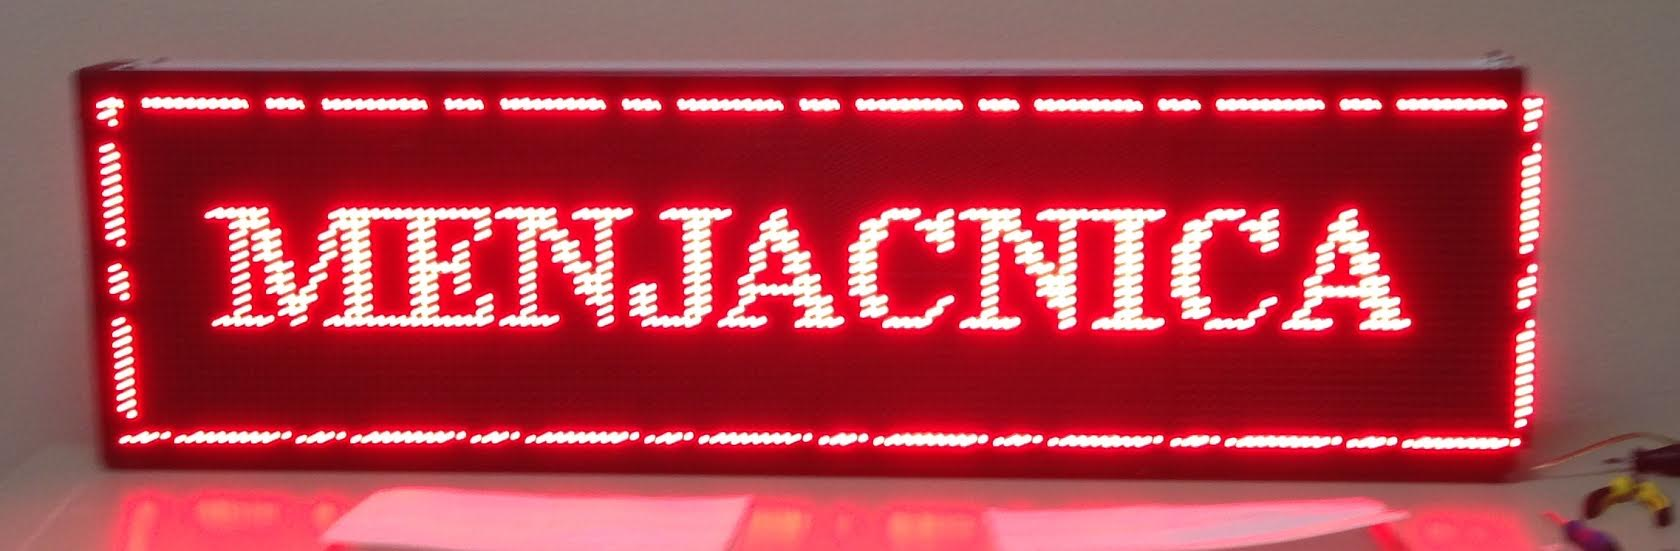 Displej reklama, display reklama, svetleca, led, sa led rasvetom, prodaja, beograd, srbija, cene, ce